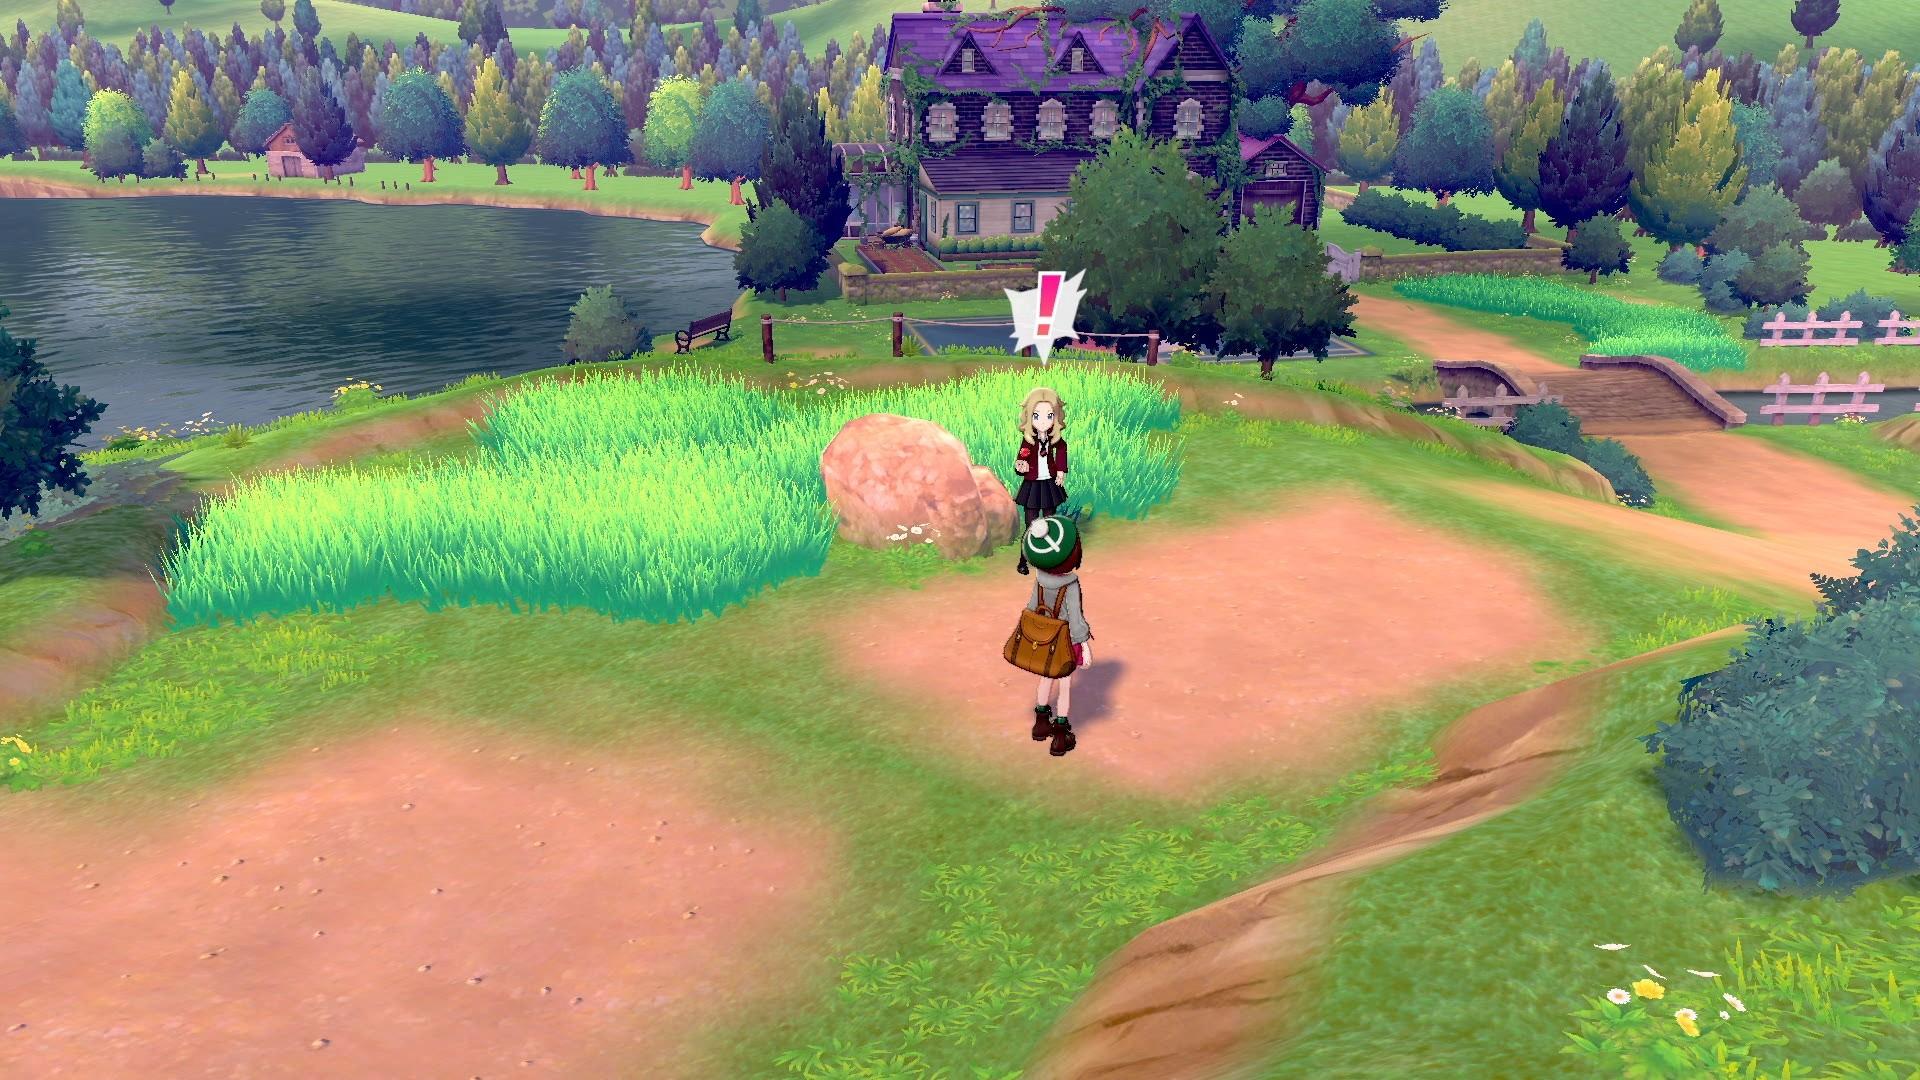 口袋妖怪/精灵宝可梦剑盾(更新DLC冠之雪原+凯之孤岛)插图1